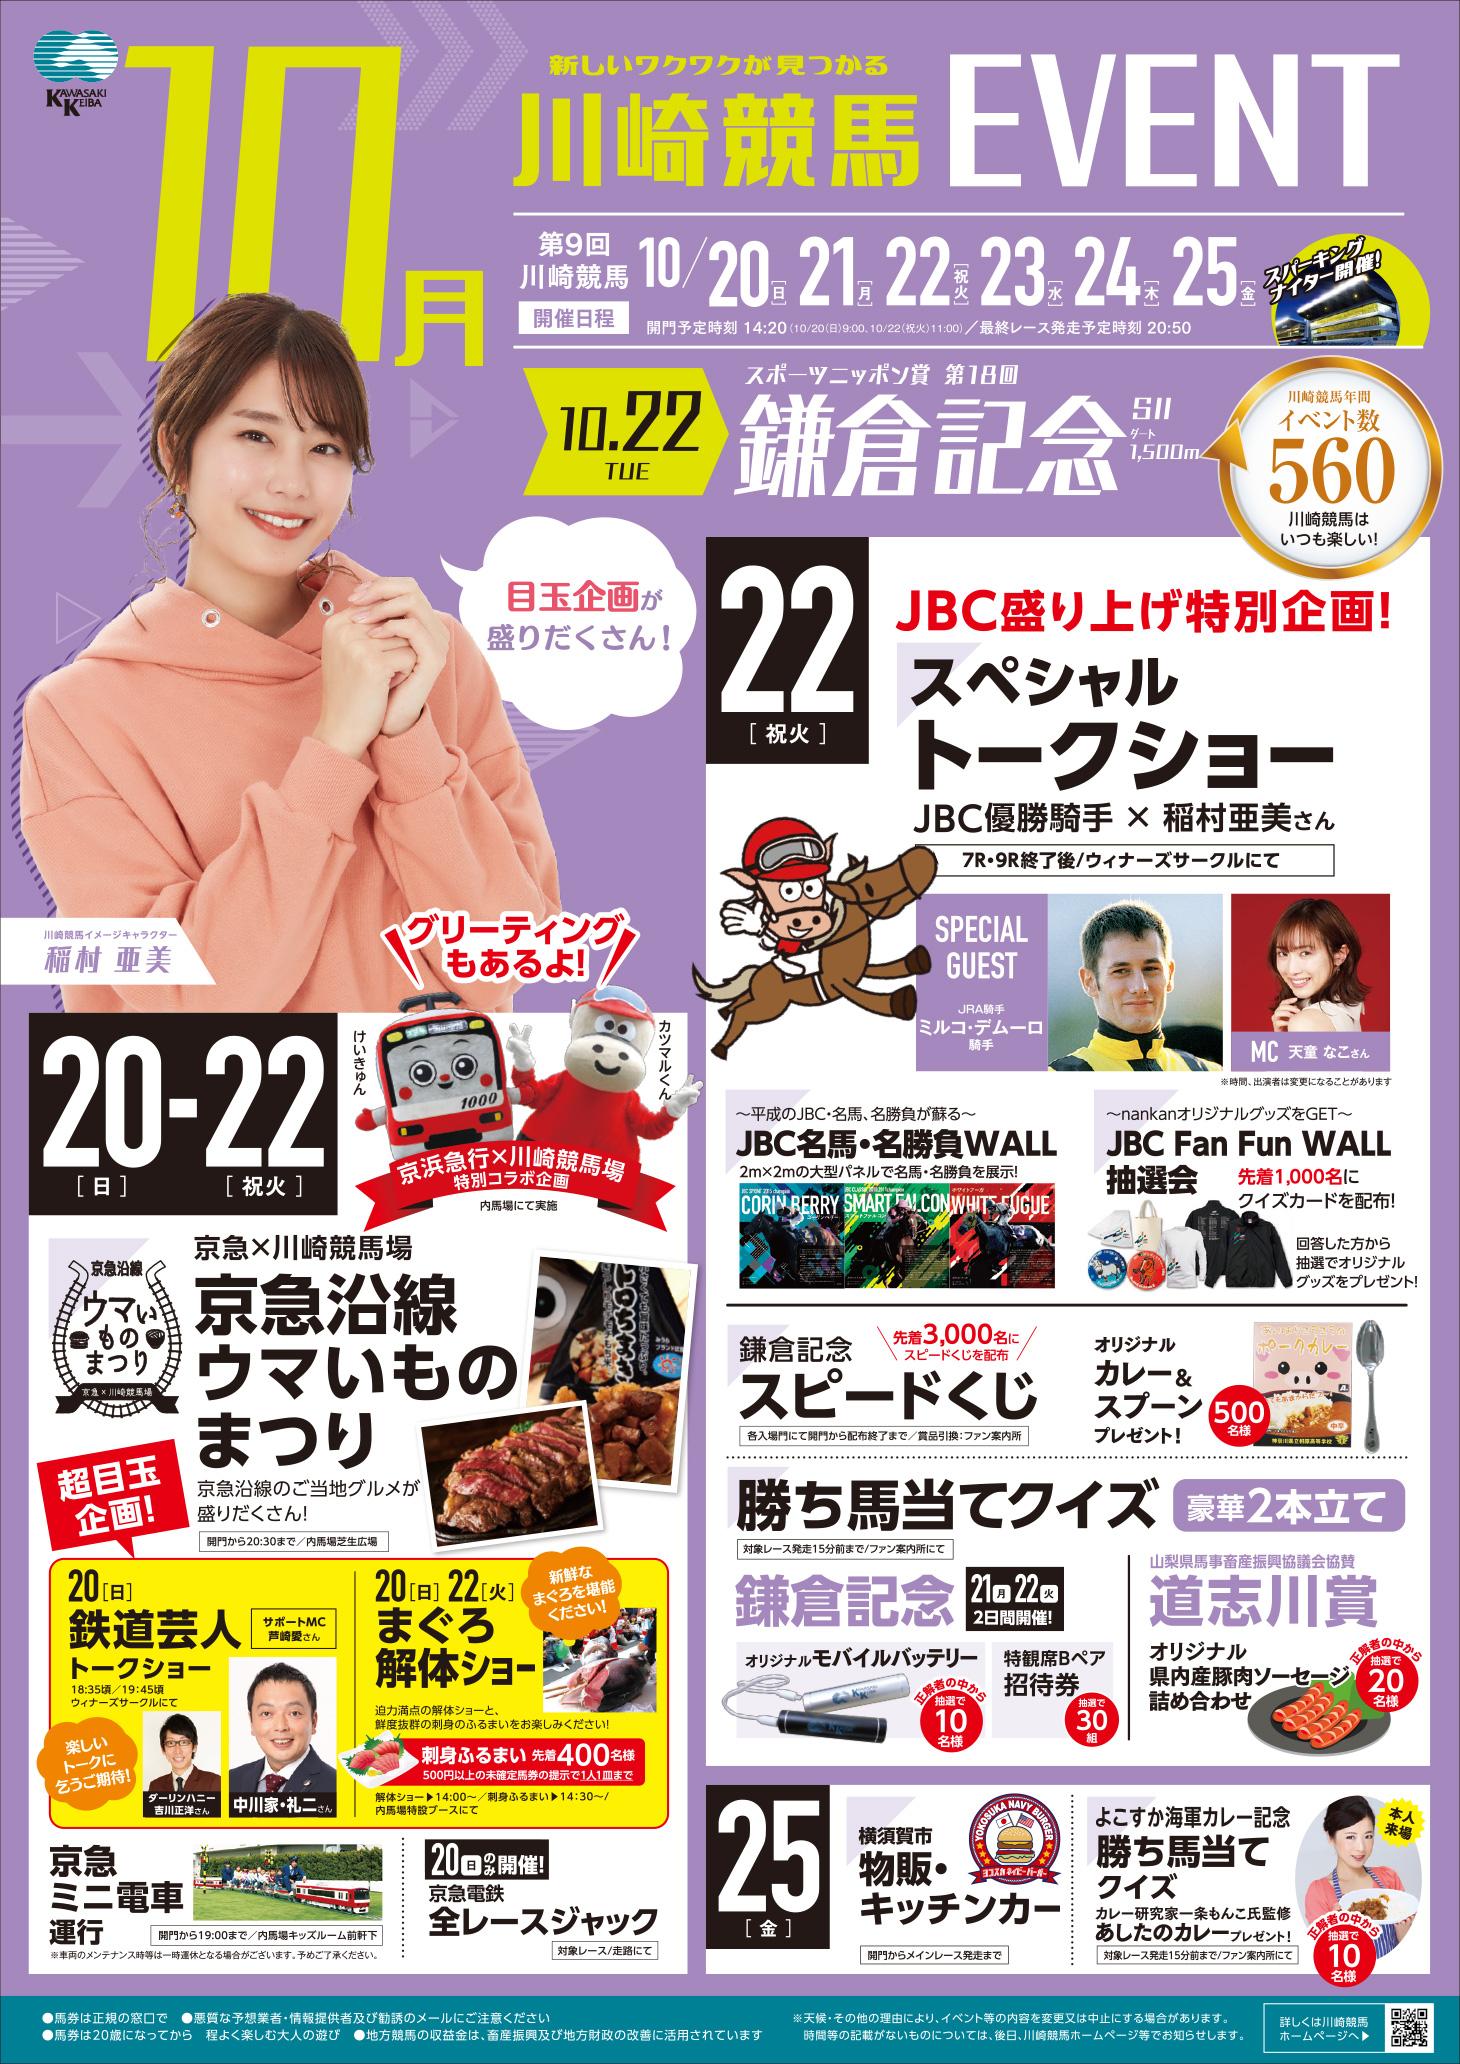 1908鎌倉記念_川崎競馬イベントB2ポスター通常